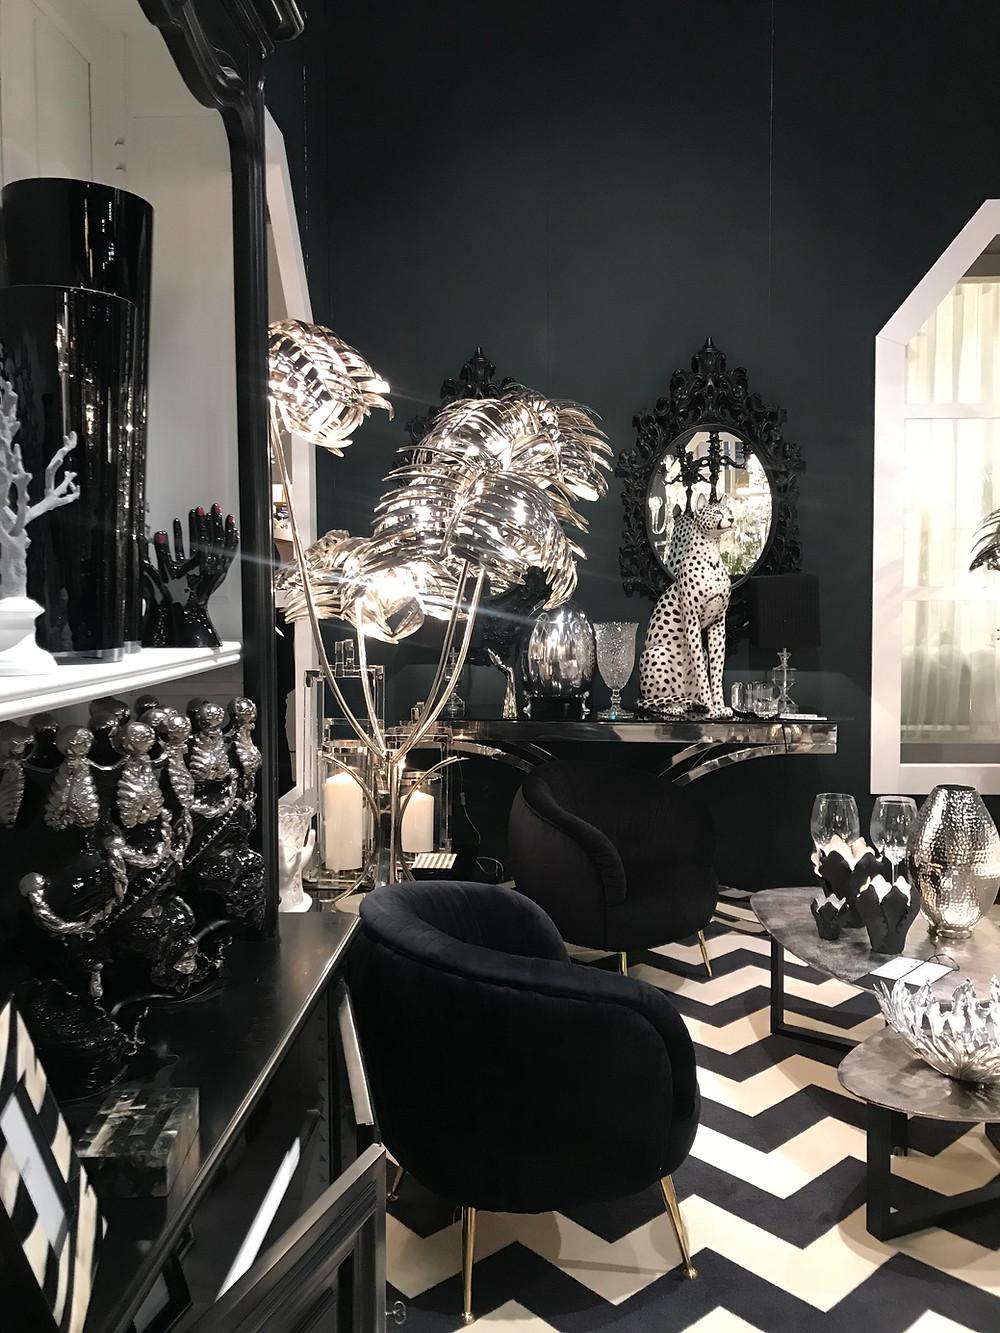 mur sombre, noir dans une ambiance élégante et luxueuse. Palmier de métal argenté.